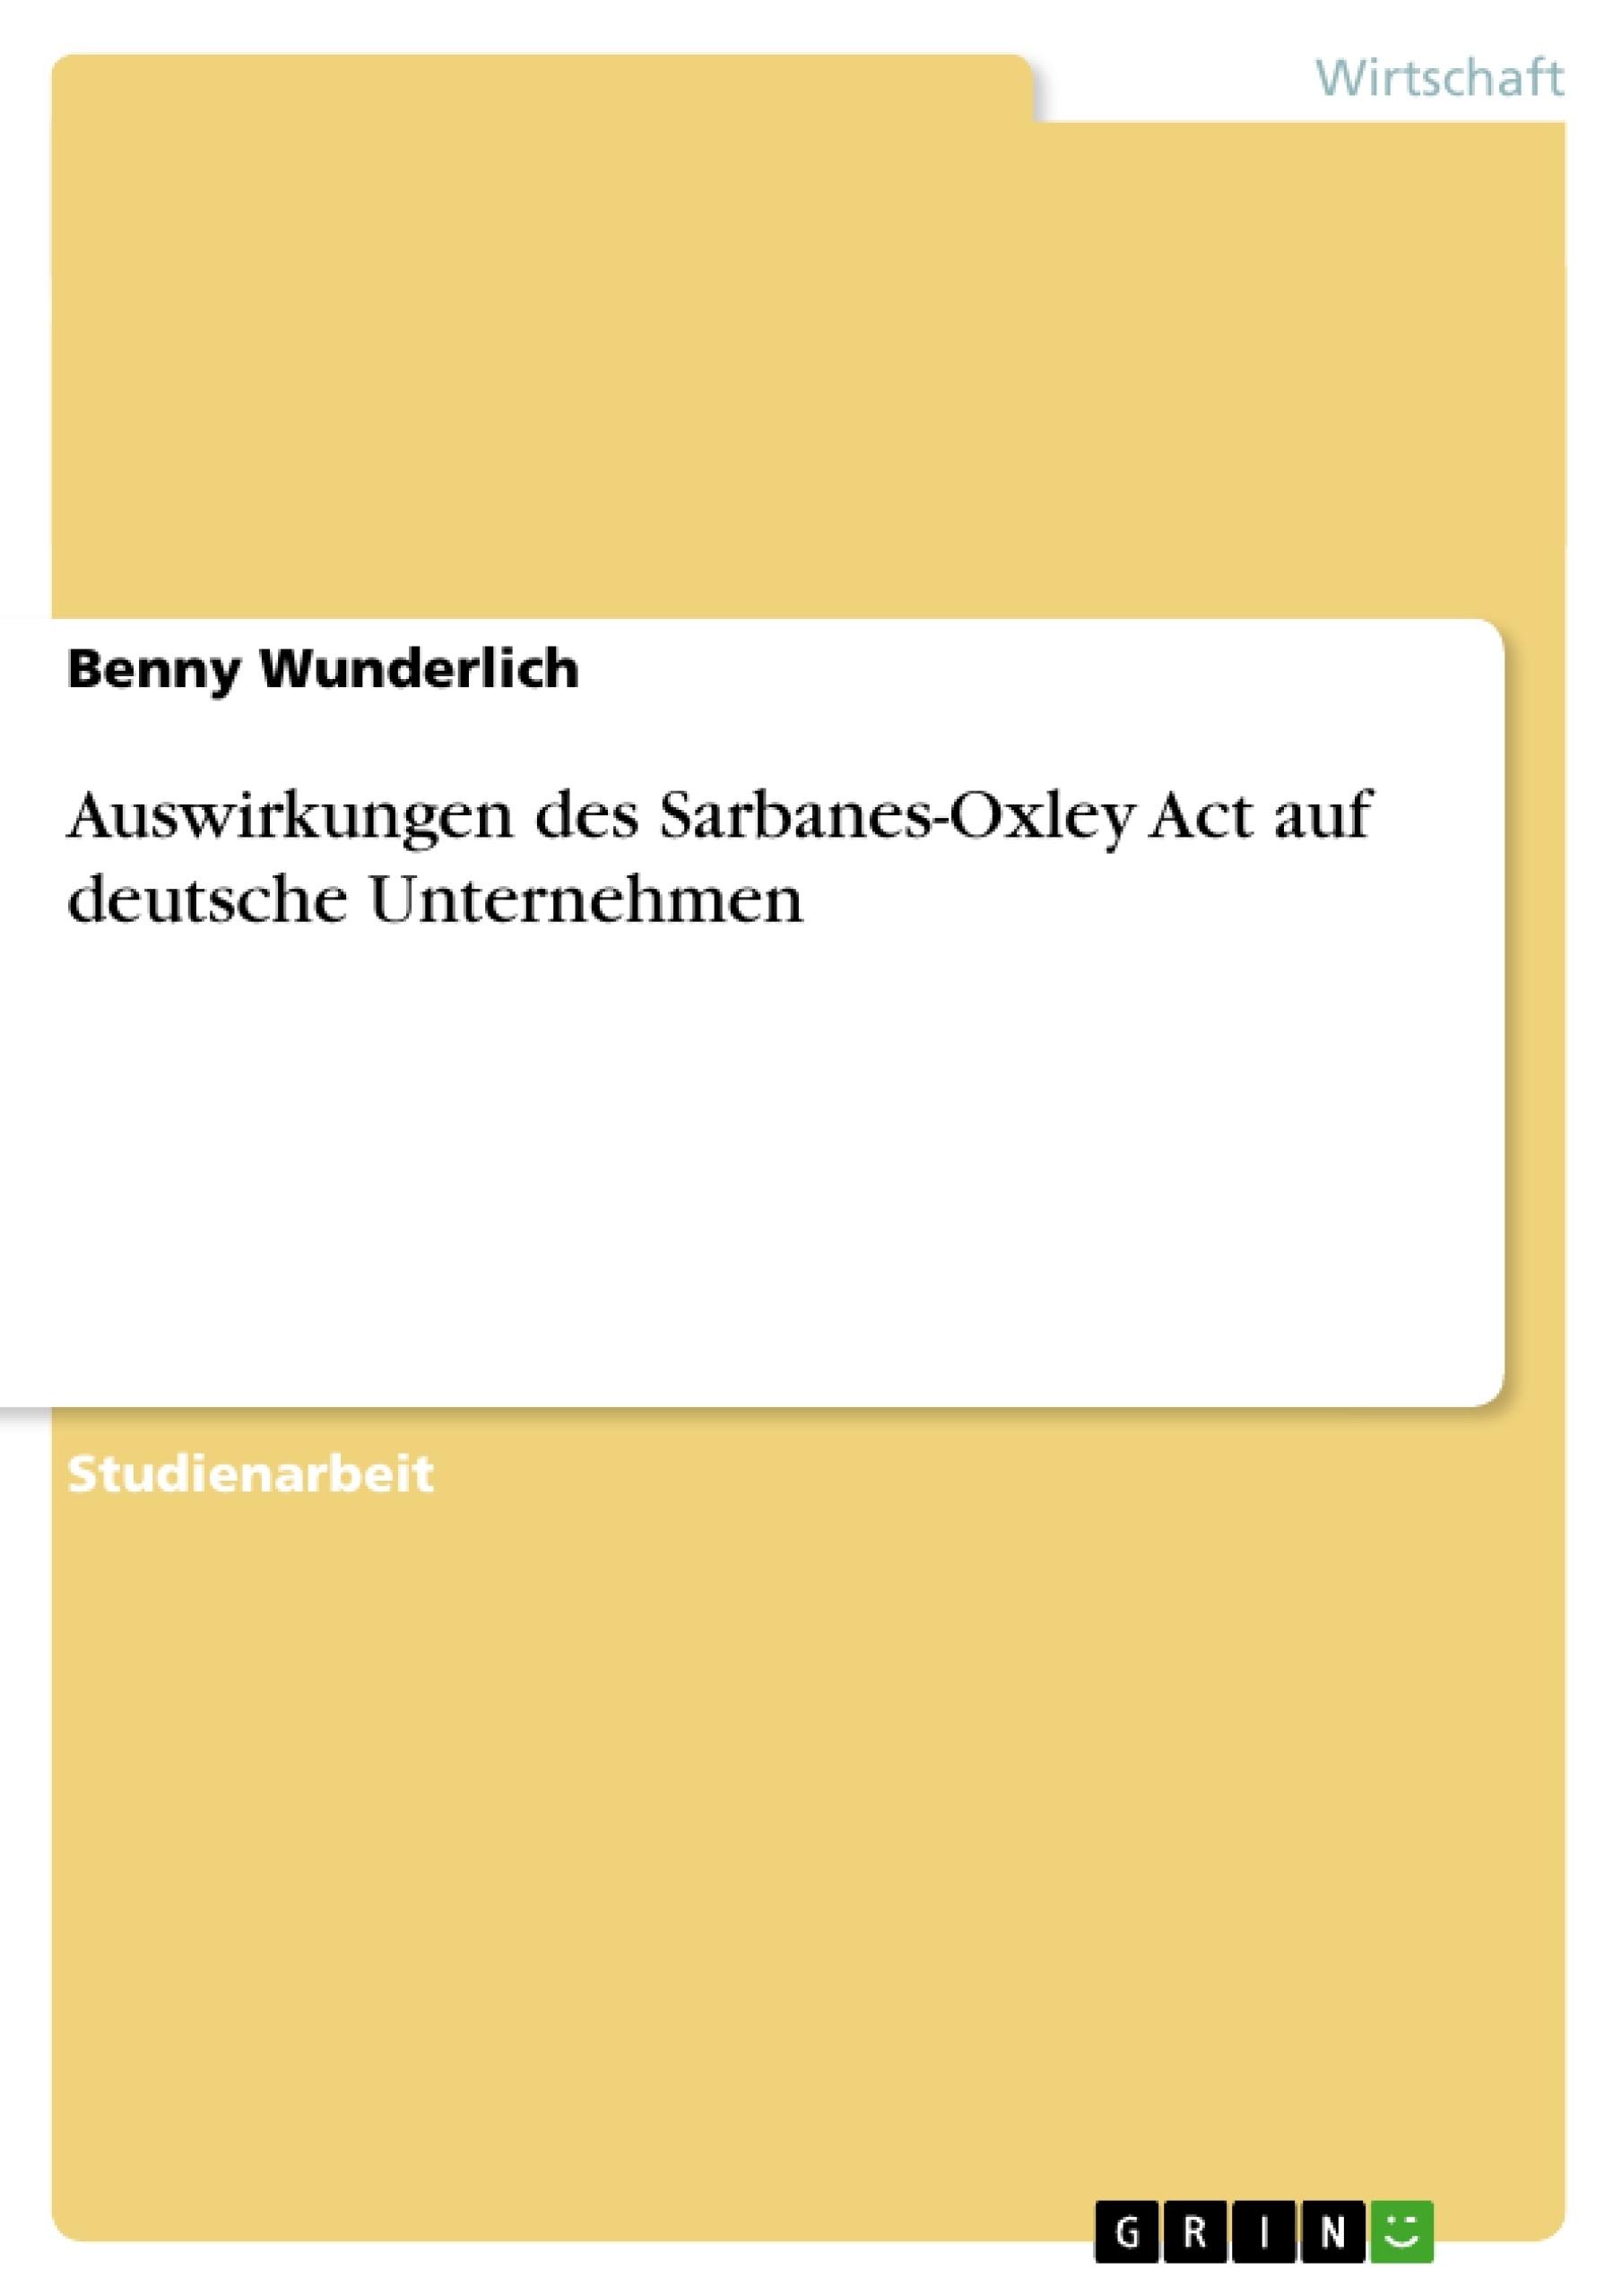 Titel: Auswirkungen des Sarbanes-Oxley Act auf deutsche Unternehmen